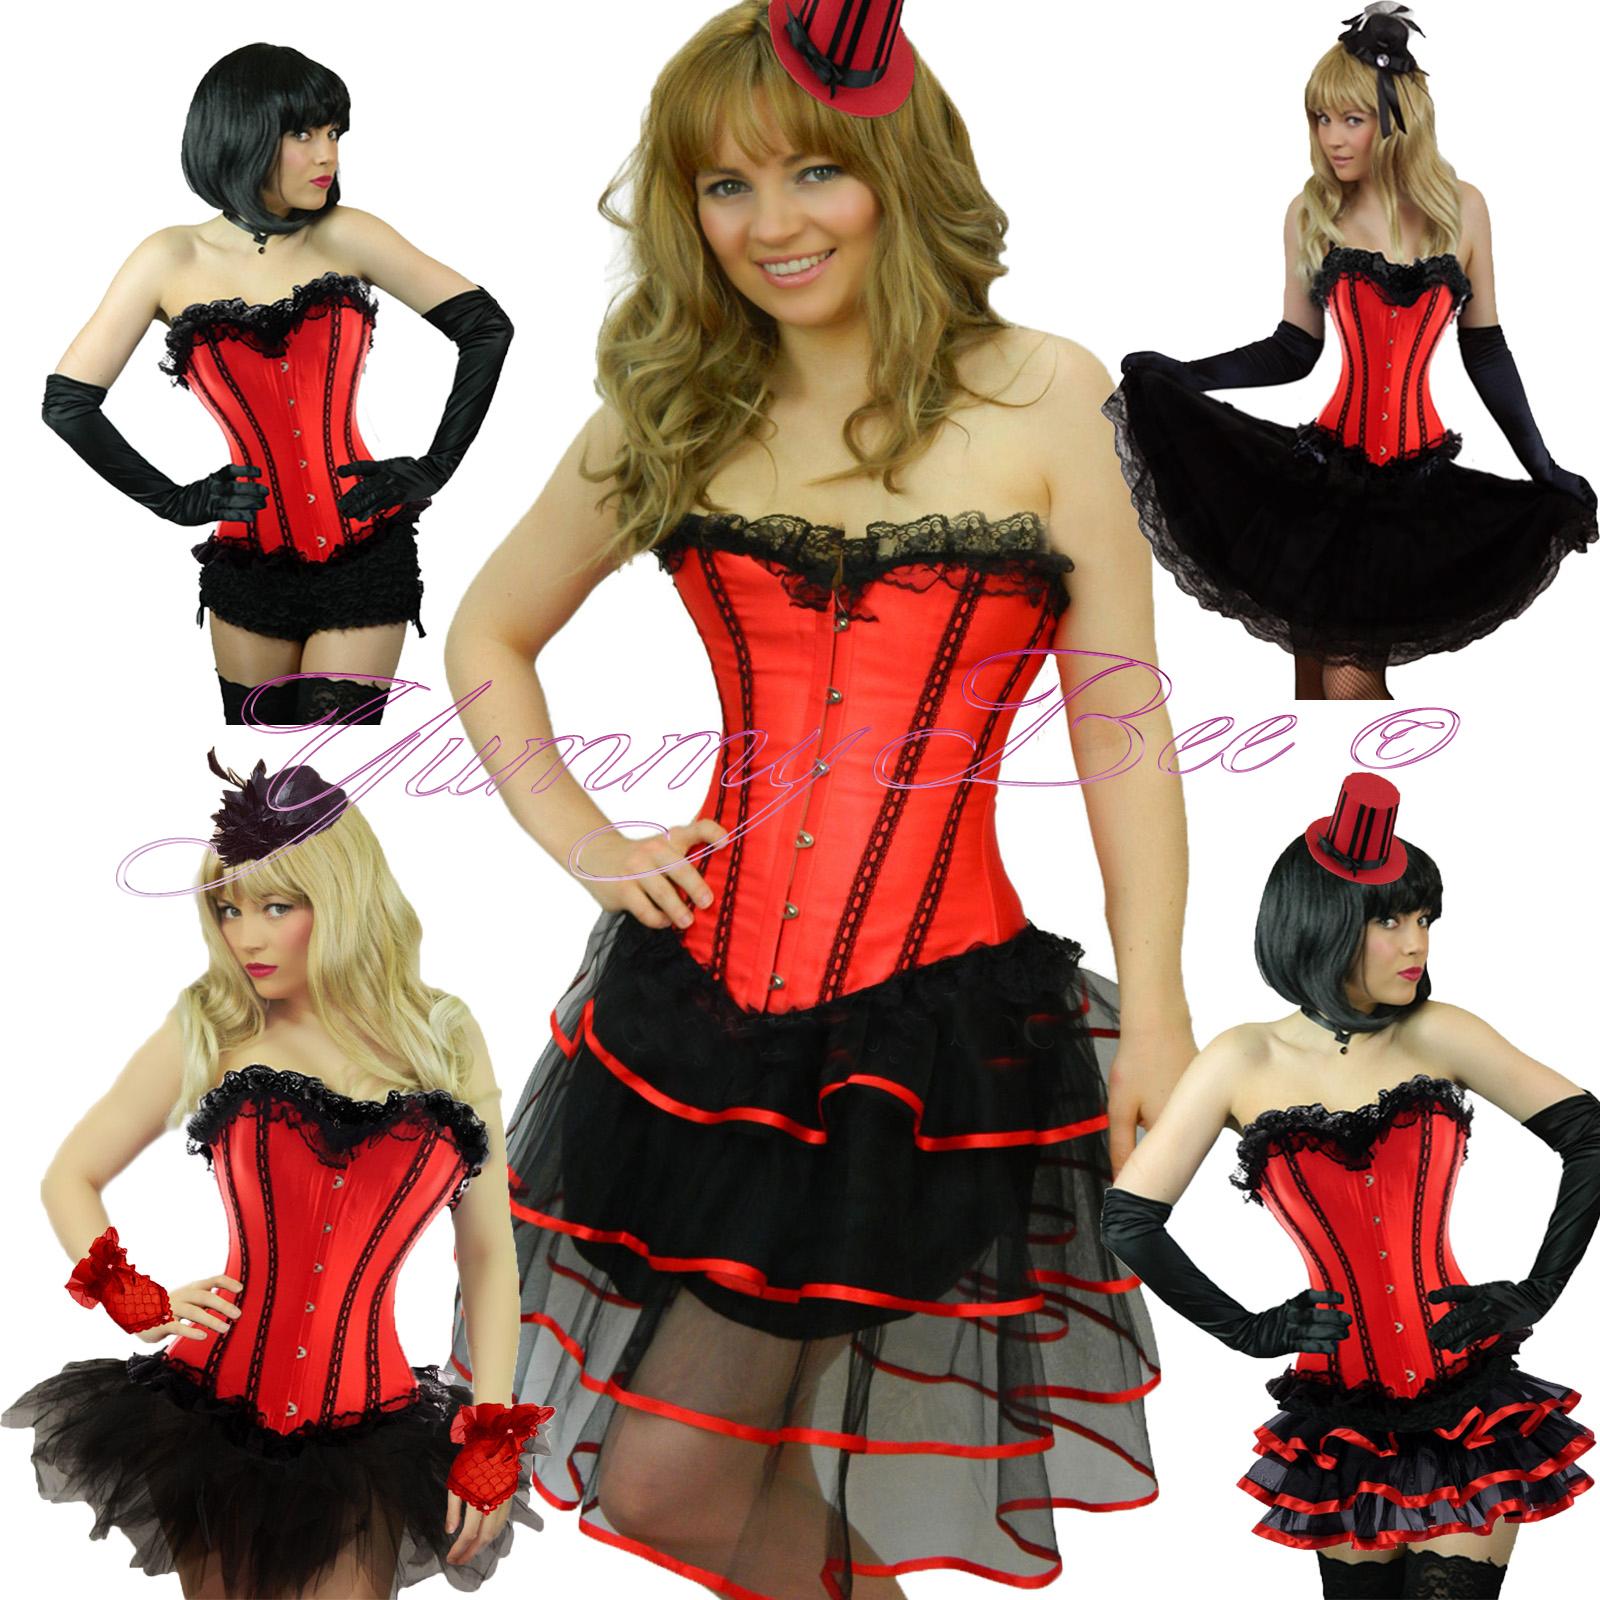 Burlesque corset tutu fancy dress costume plus size 6 28 moulin thumbnail1 solutioingenieria Images